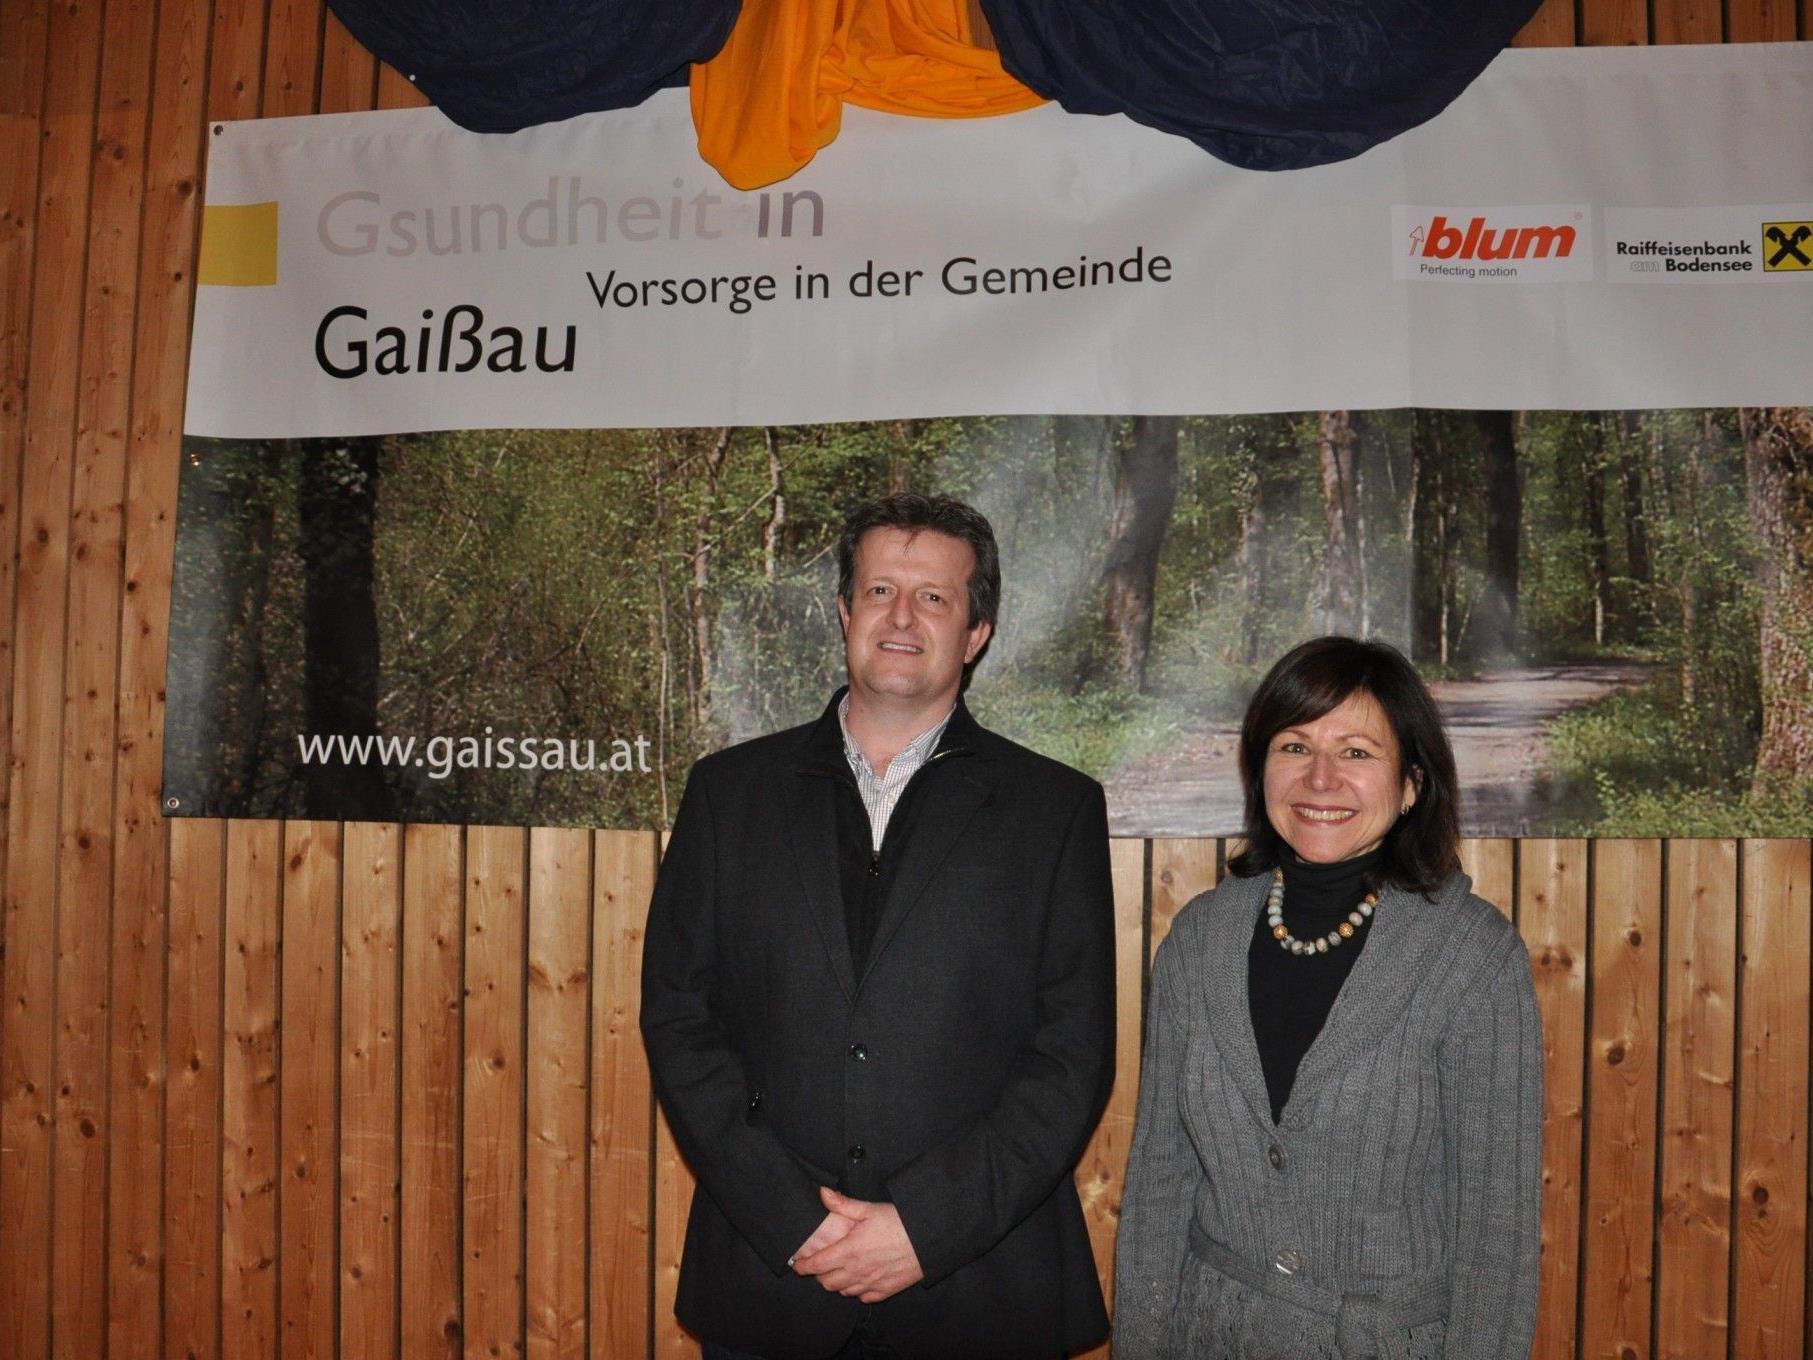 """Vortragsreihe """"Gsundheit in Gaißau"""" wurde von Judith Lutz vom Sozialzirkel Gaißau organisiert"""